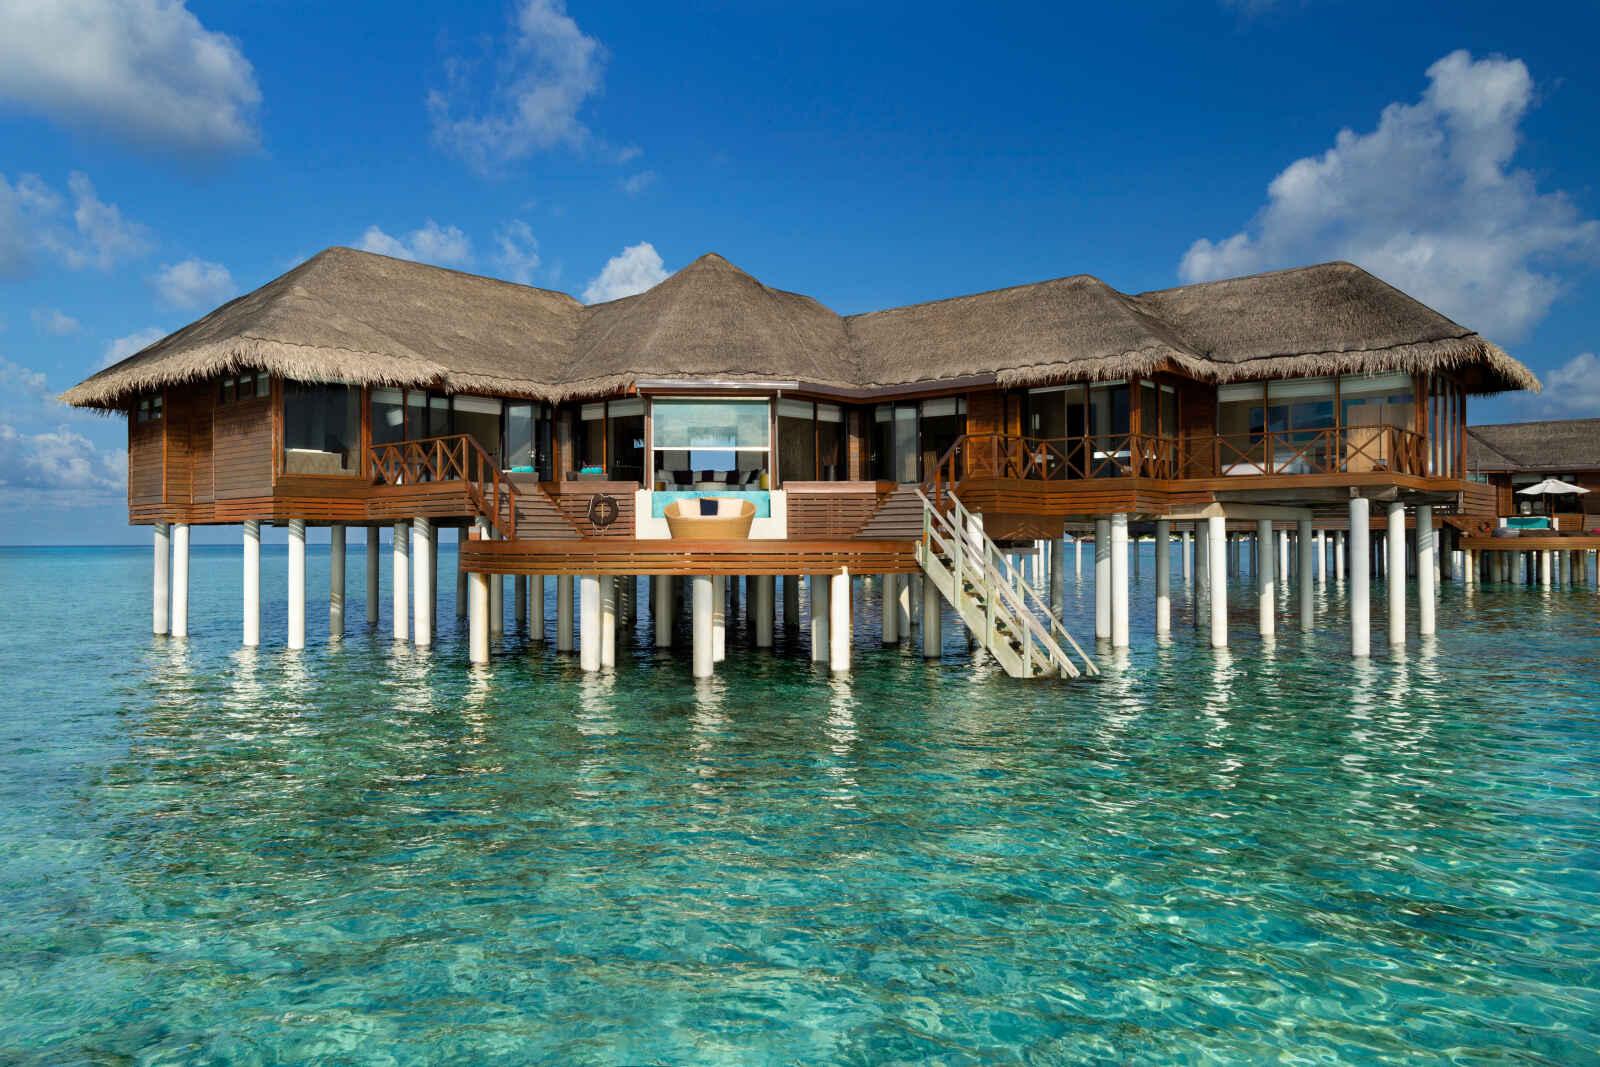 Maldives : Huvafenfushi